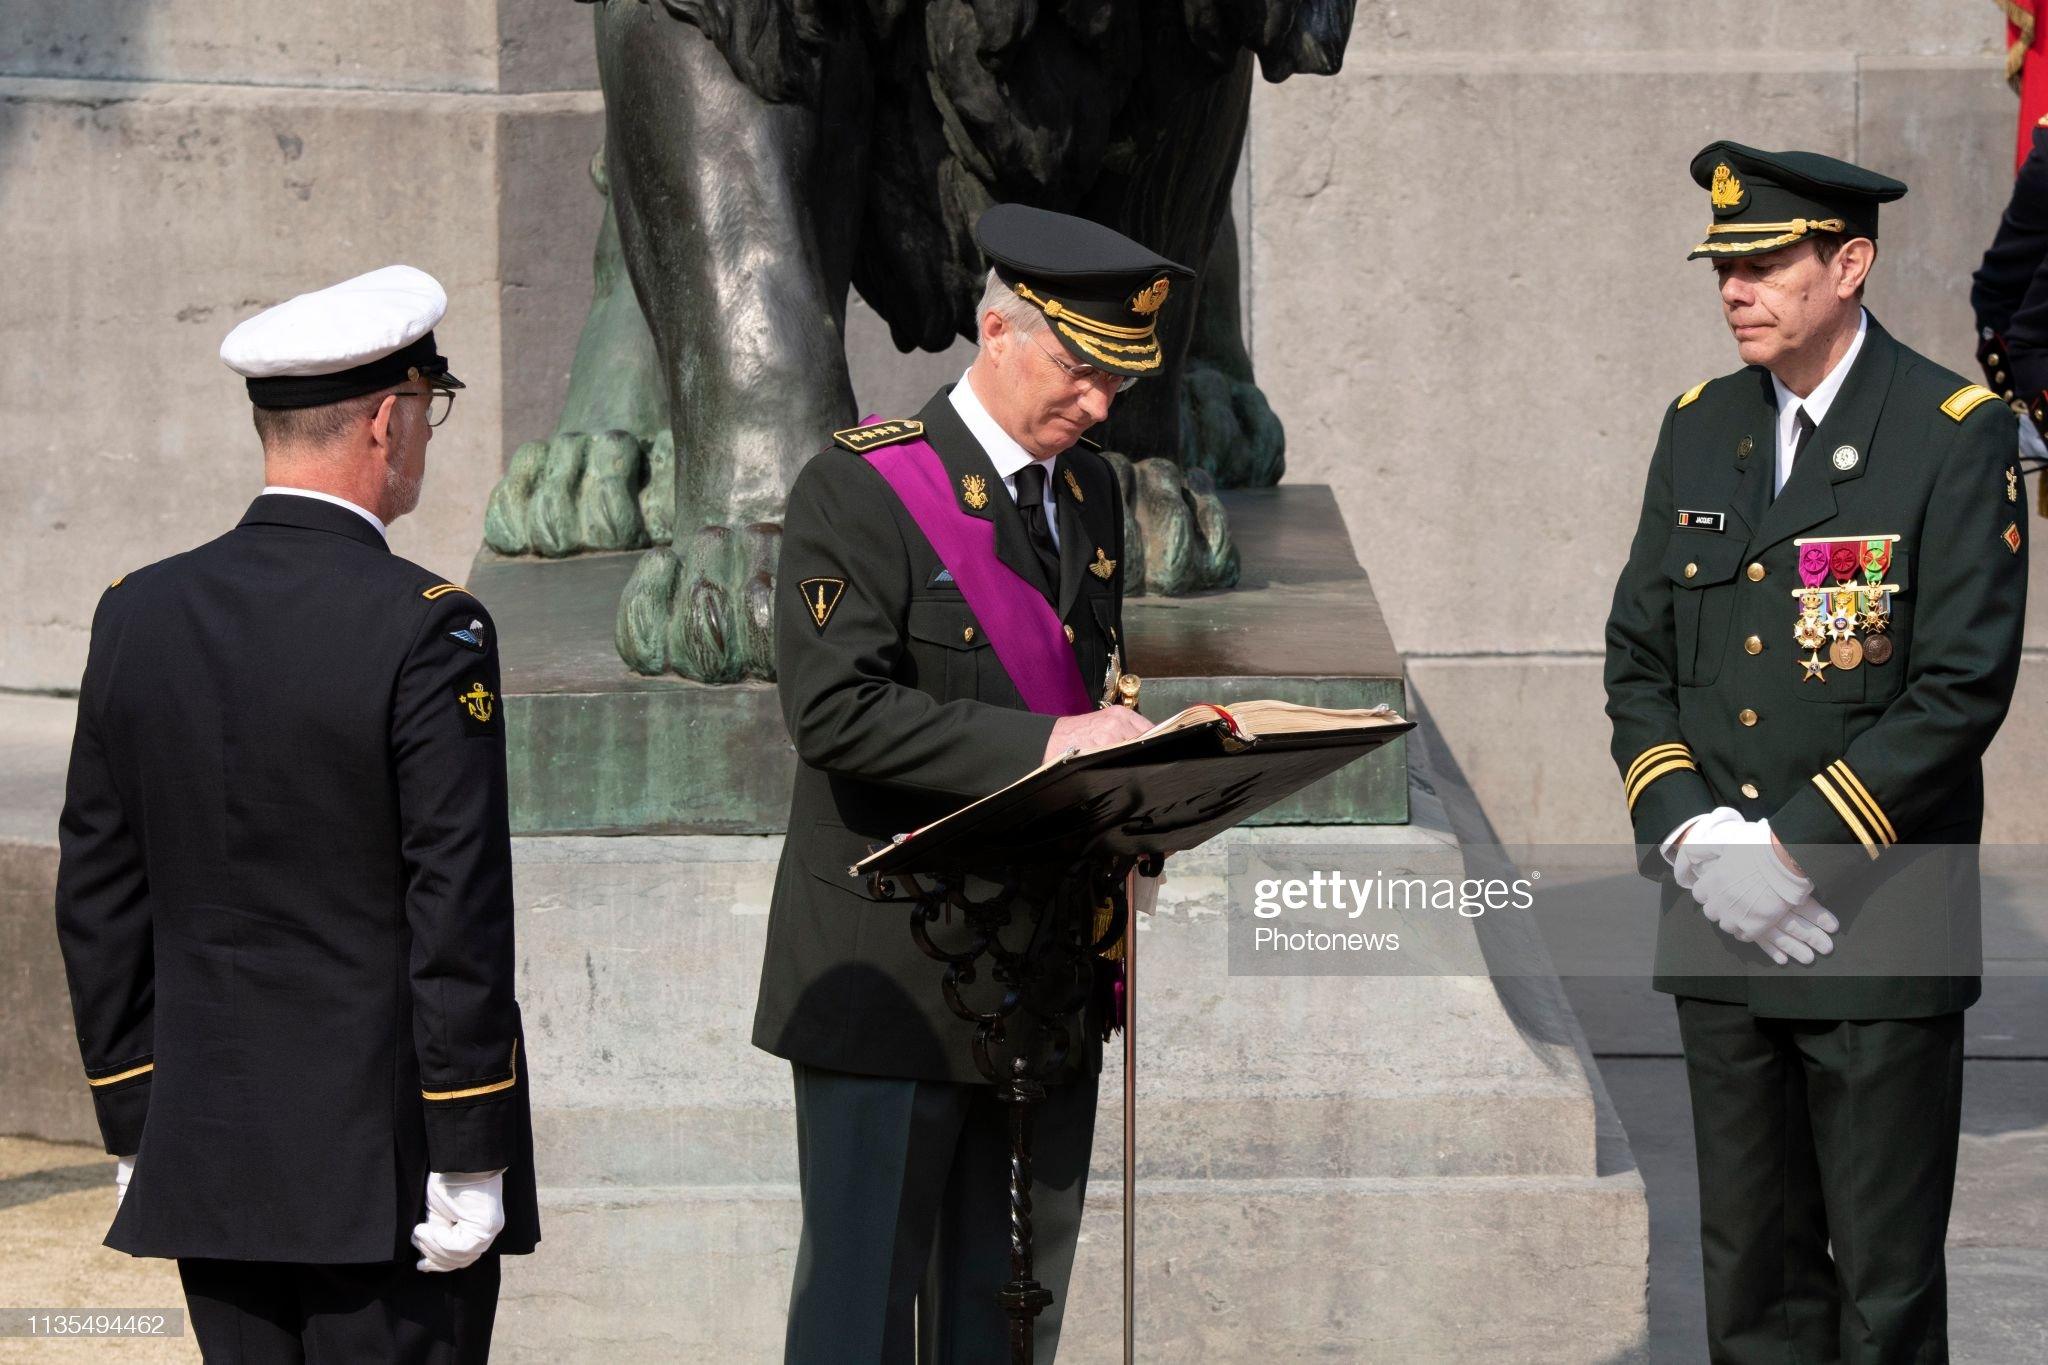 CASA REAL BELGA - Página 37 25e-anniversaire-de-la-crmonie-dhommage-aux-soldats-belges-morts-en-picture-id1135494462?s=2048x2048